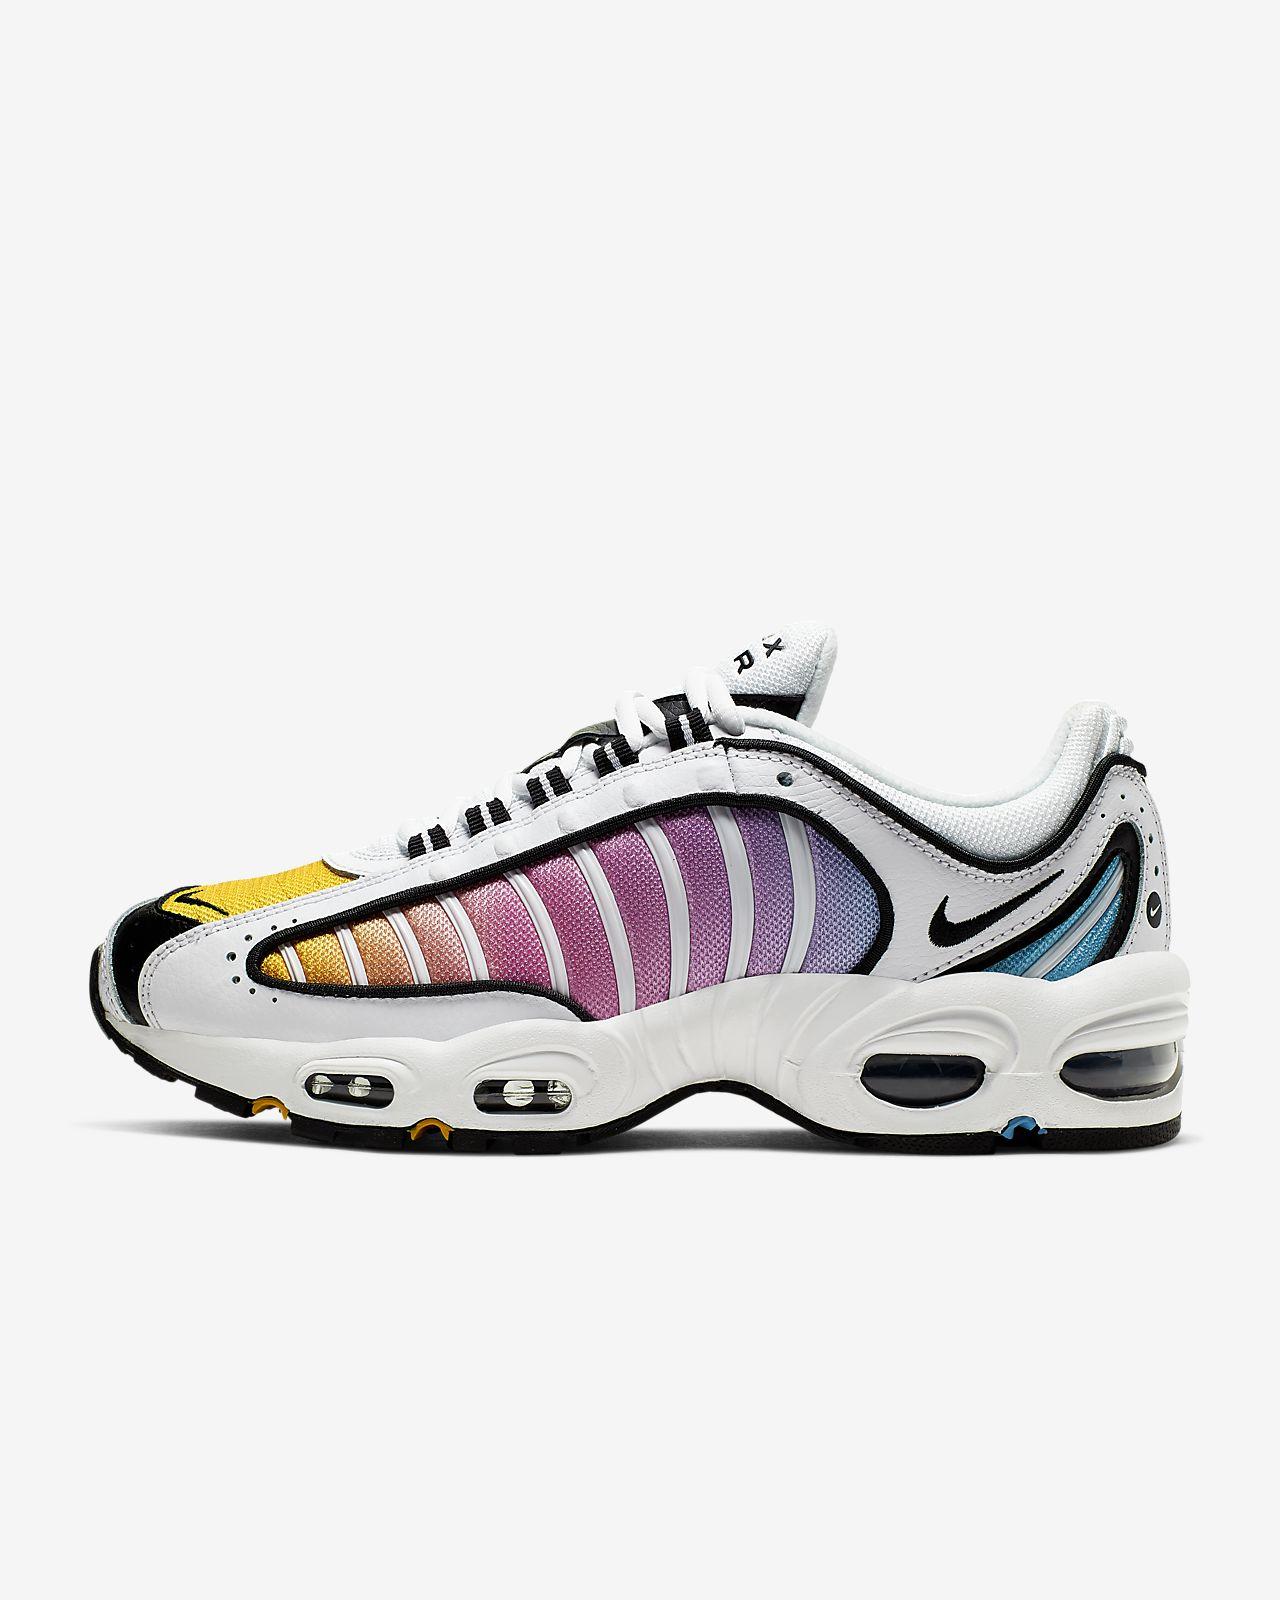 Dámská bota Nike Air Max Tailwind IV